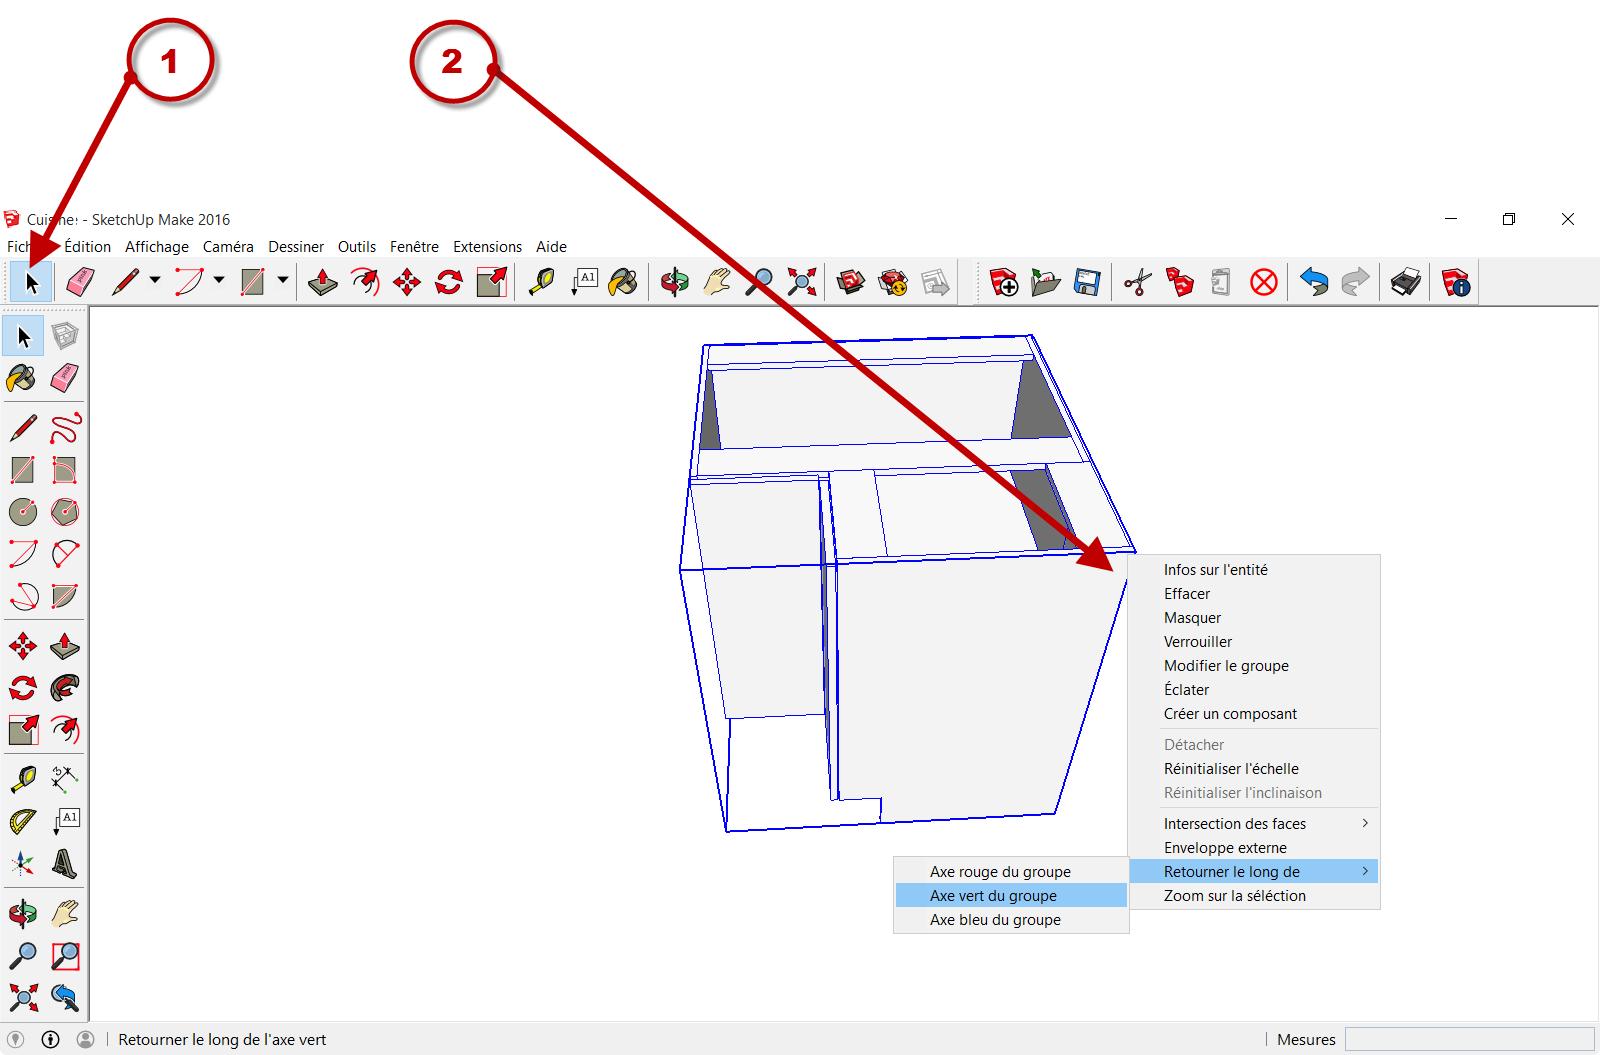 comment-obtenir-la-position-dun-caisson-coin-gauche-ou-droite-en-3d-dans-sketchup